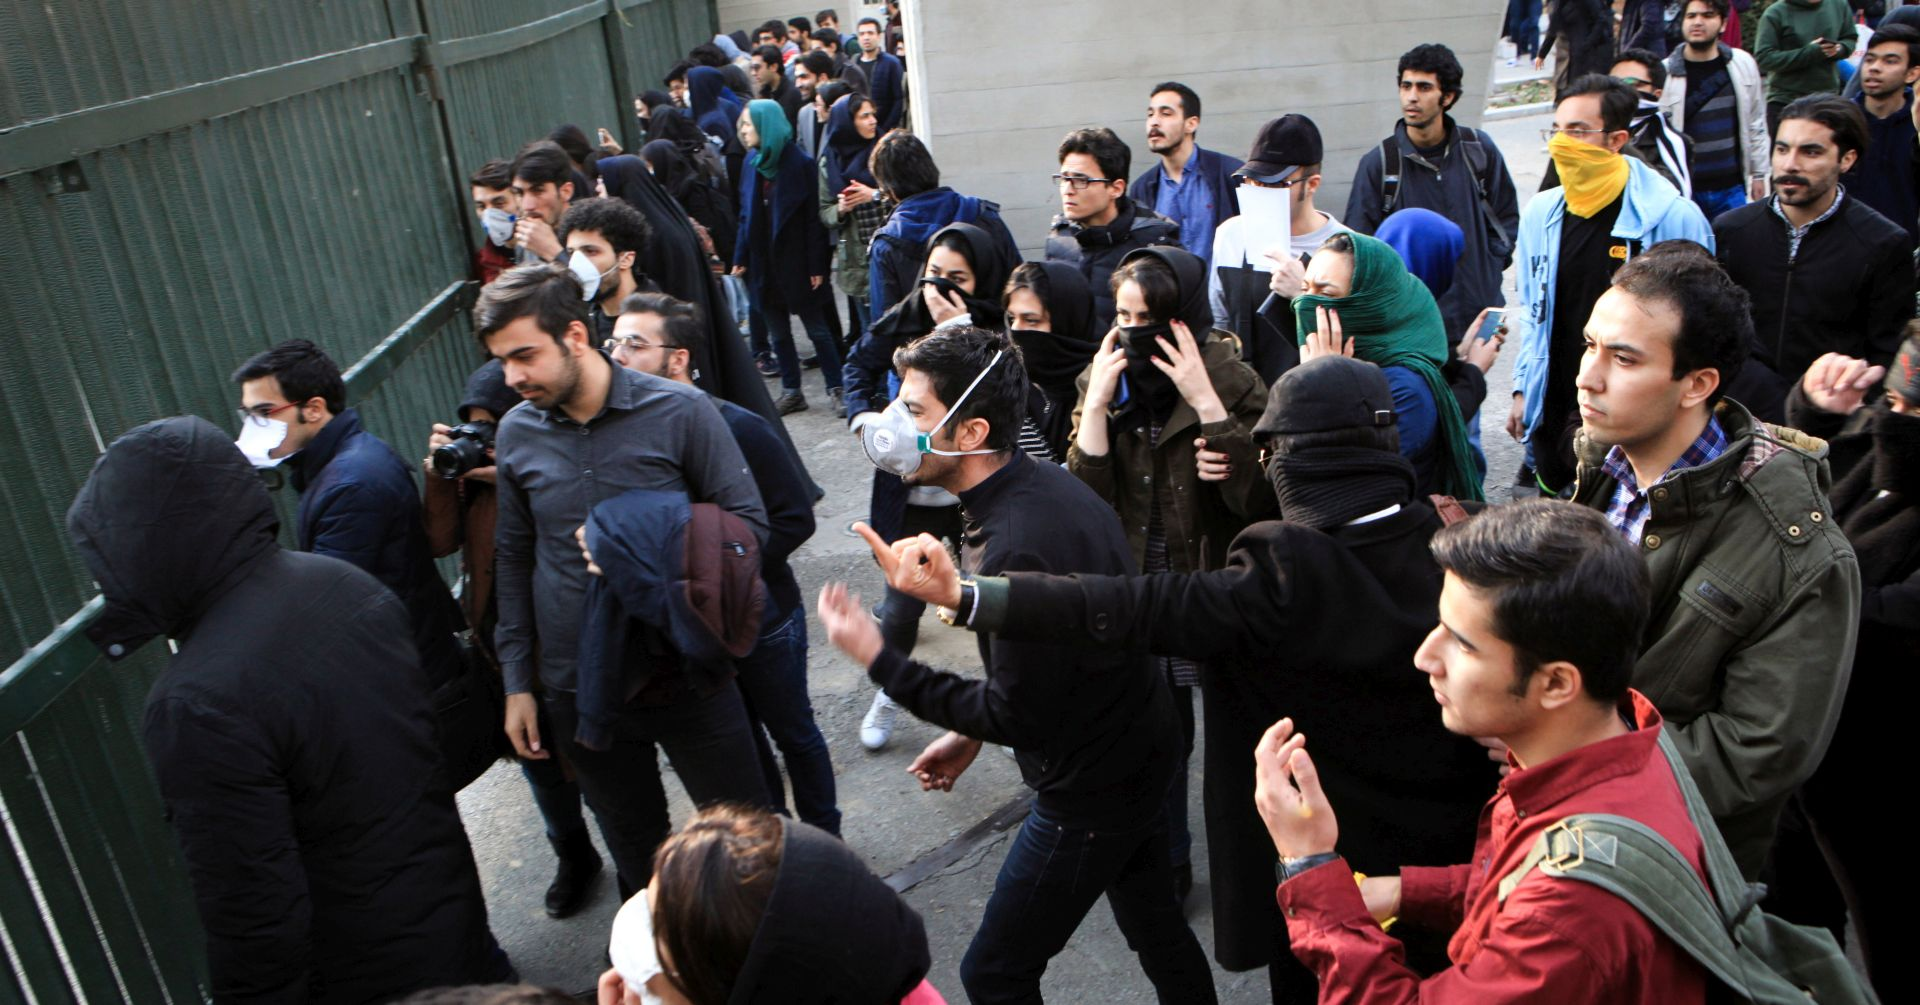 CIA negira svaku umiješanost u prosvjede u Iranu